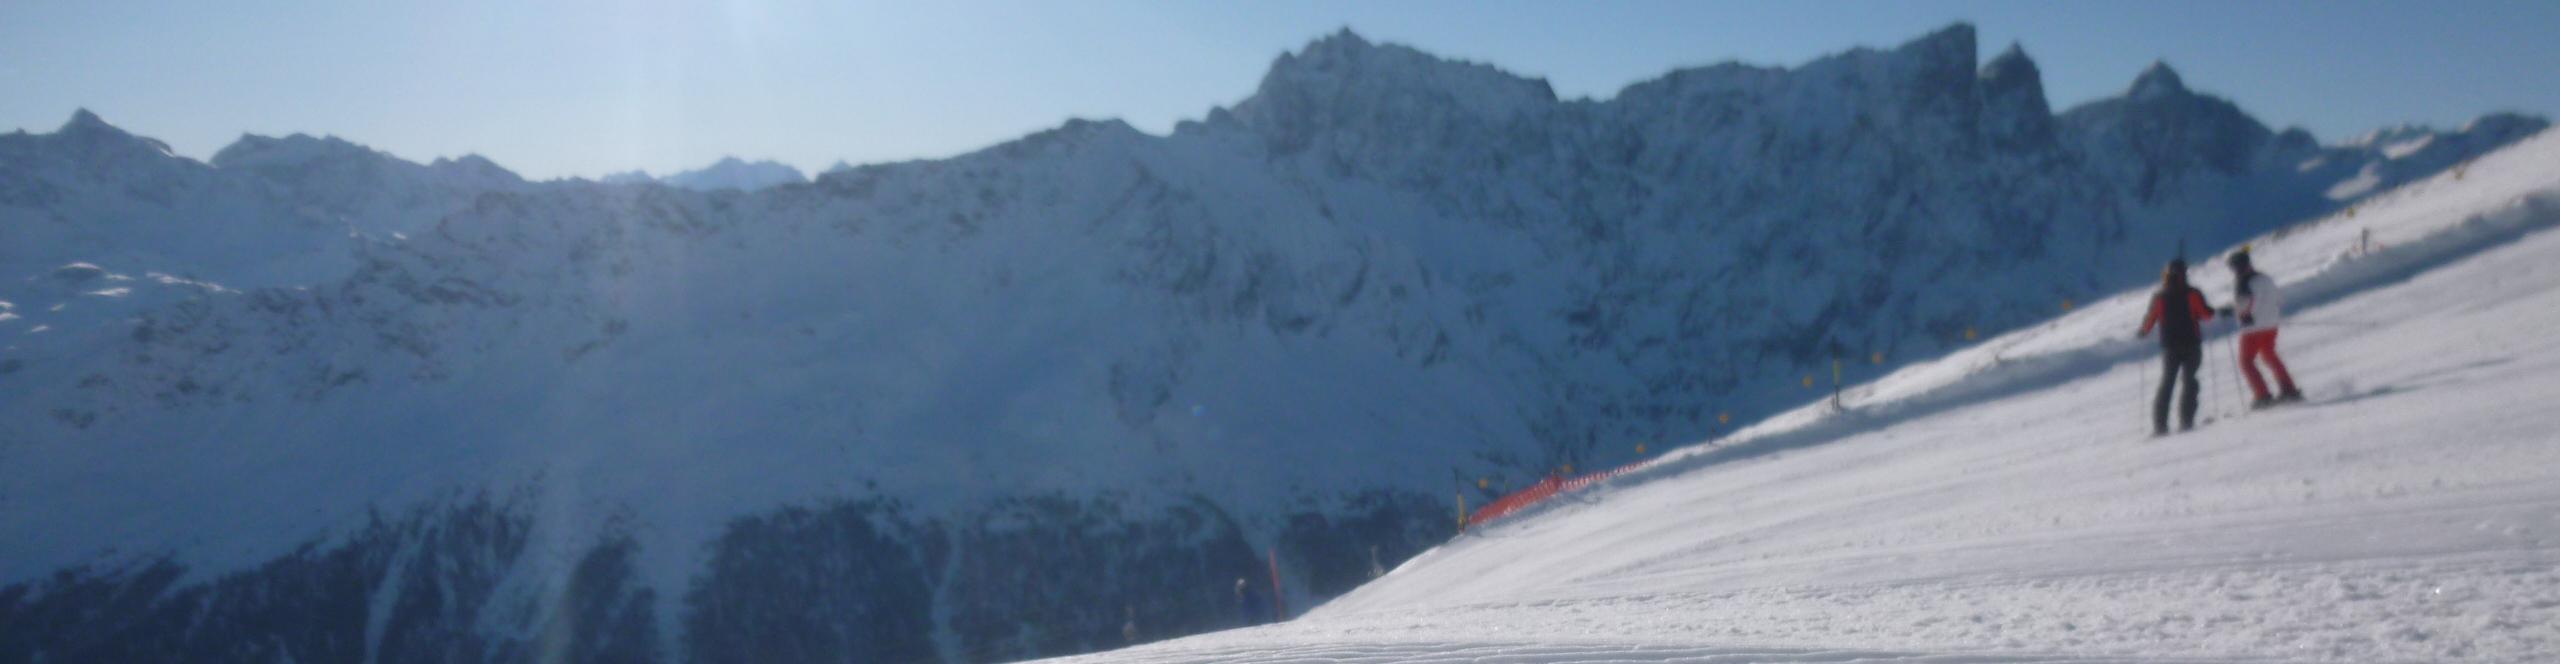 SAVOGNIN – SCHWEIZ – CUBE Hotel direkt an der Piste – TOP PREIS-Skiwochenende – 3 Skitage